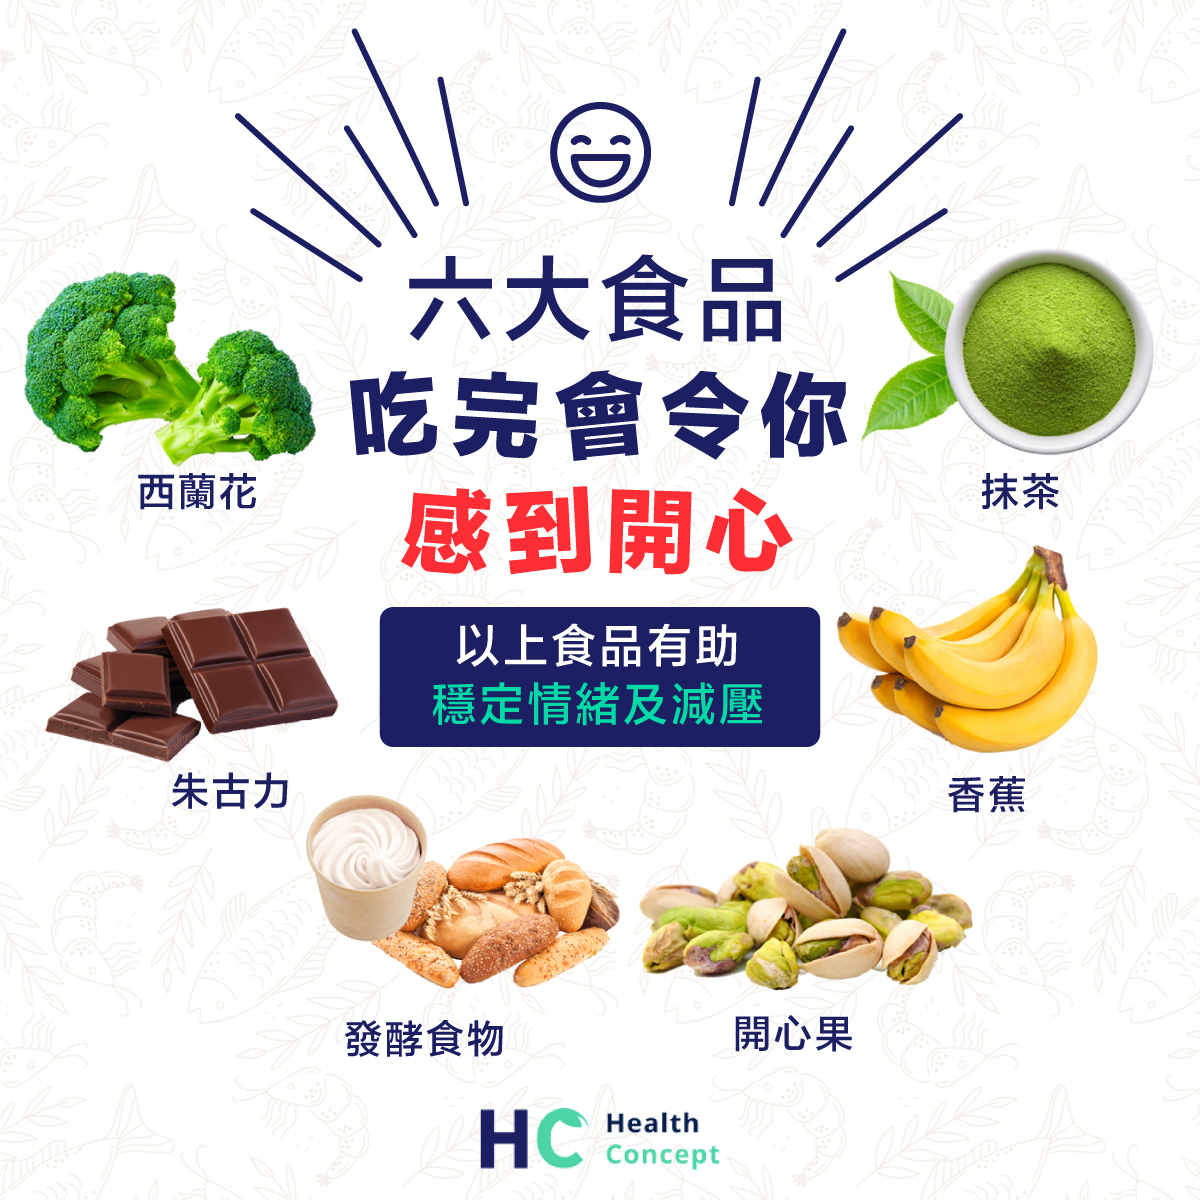 【營養食物】六種食品吃完會令你感到開心